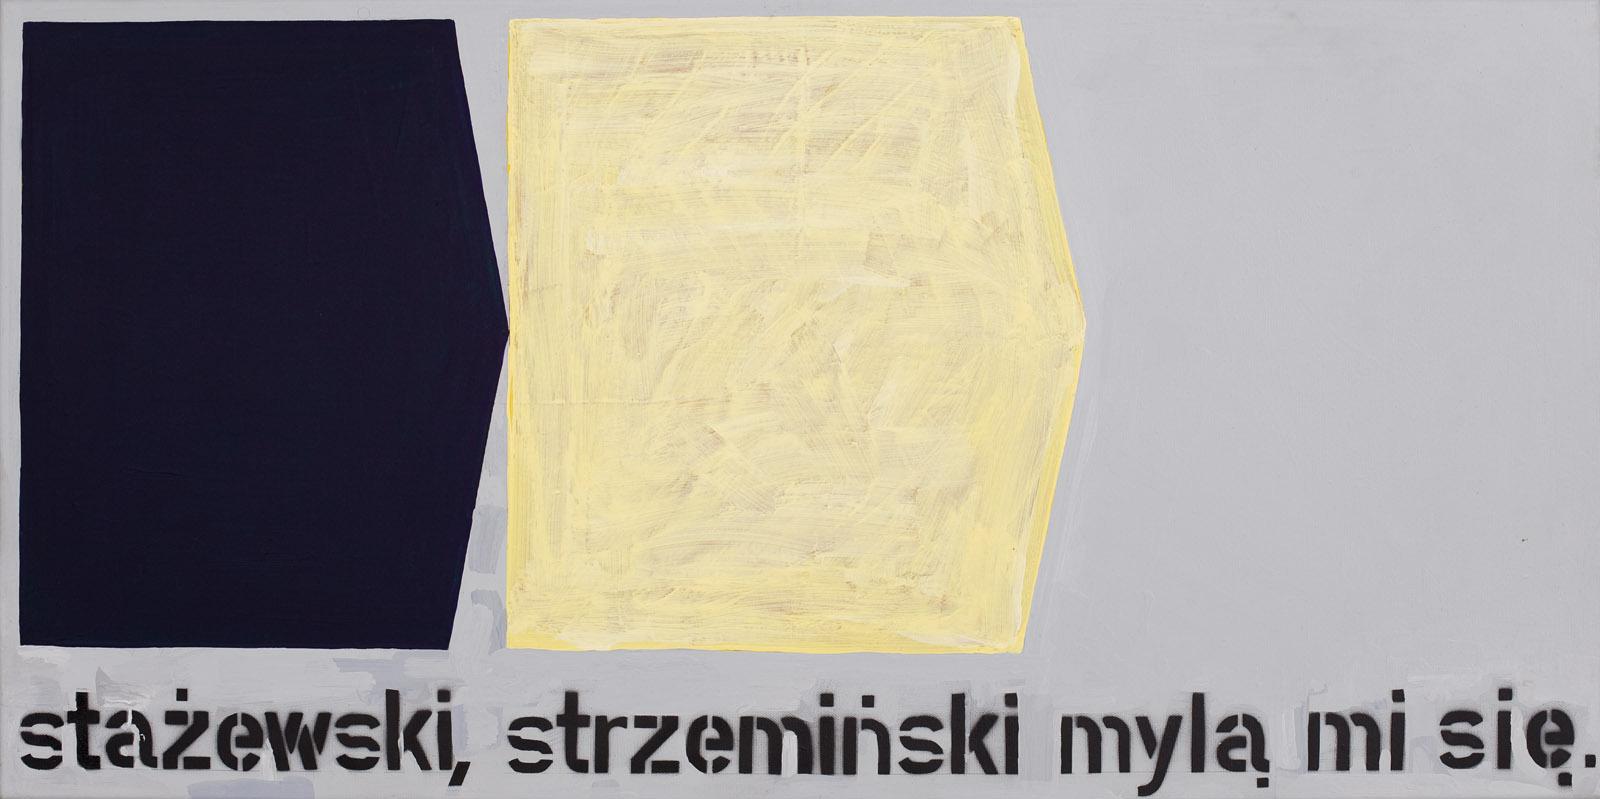 """Paweł Susid(1952),""""Strzemiński i Stażewski mylą mi się"""", 1986/2008; akryl, płótno; 50 x 100; własność autora; fot. Marcin Kucewicz (źródło: materiały prasowe organizatora)"""